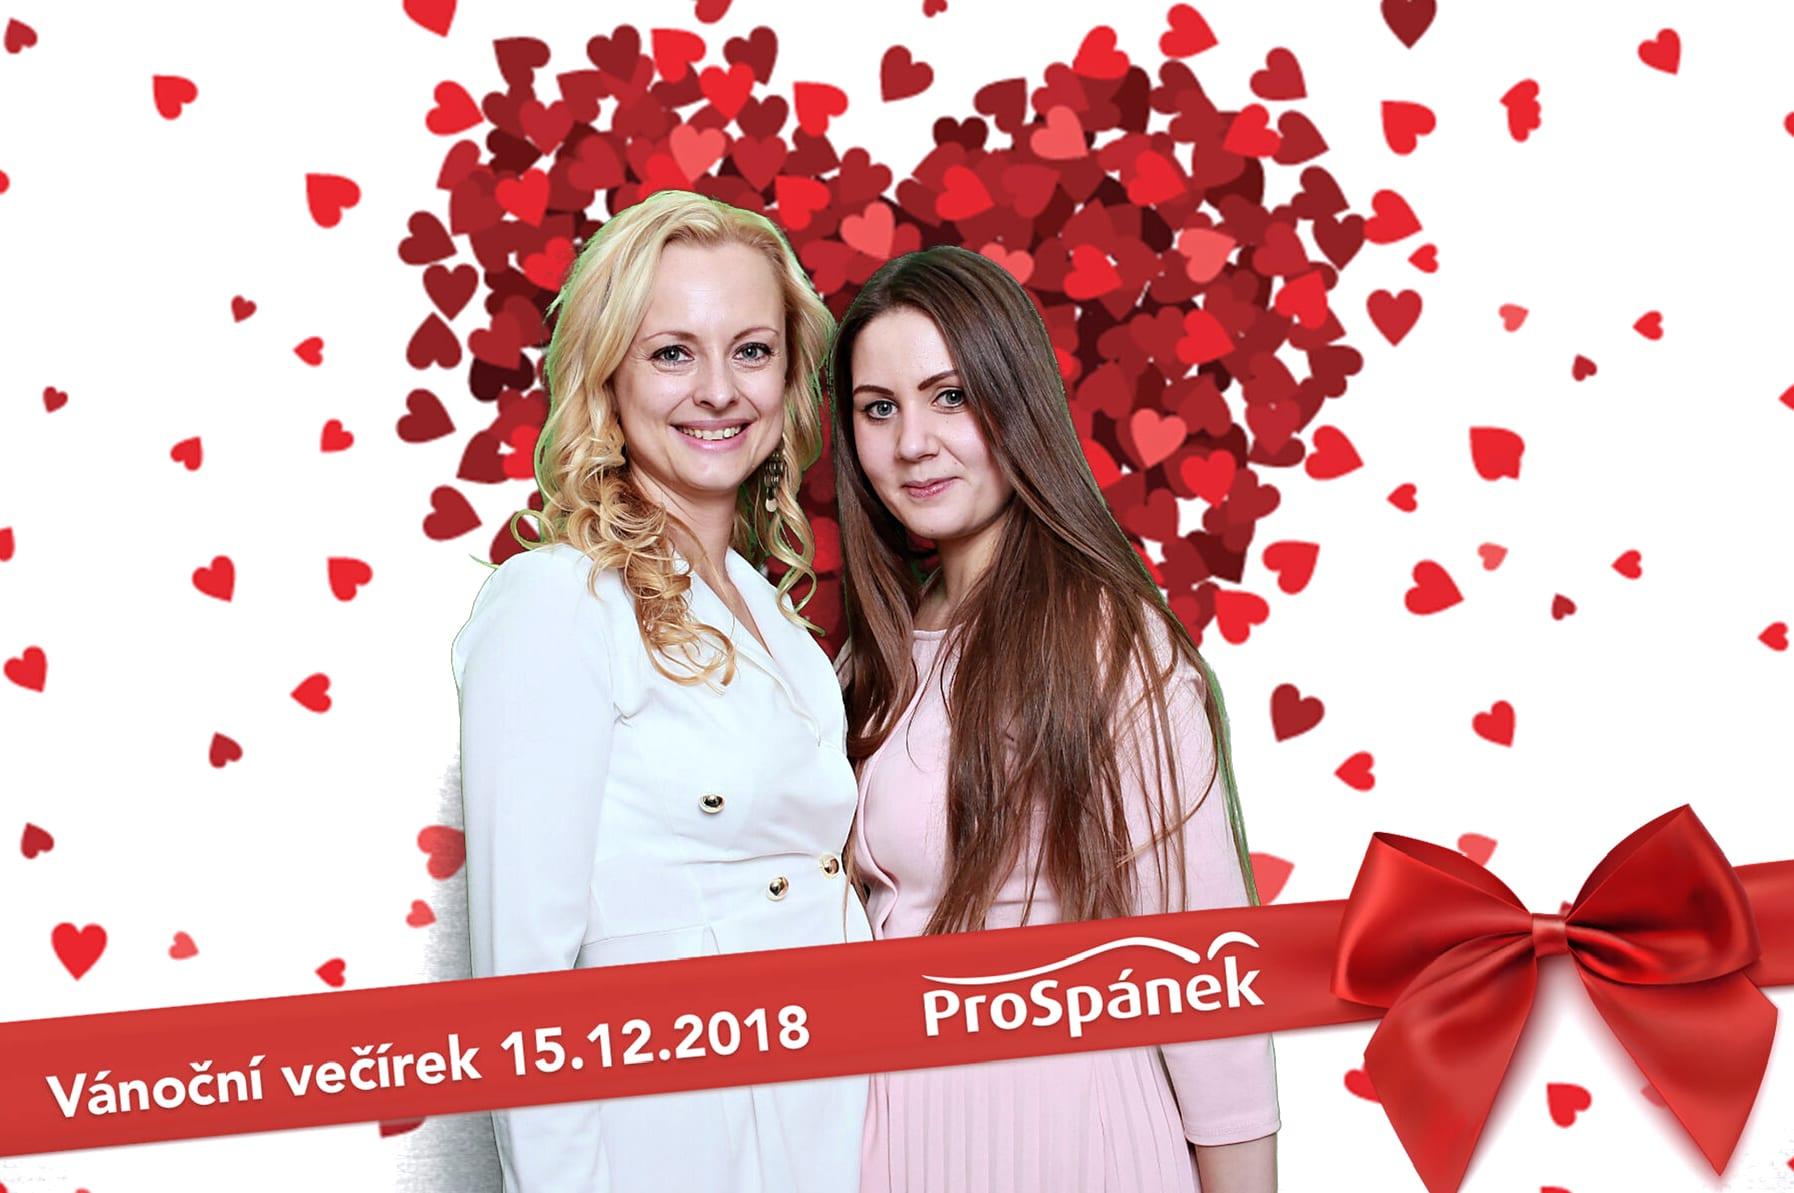 fotokoutek-prospanek-15-12-2018-554492